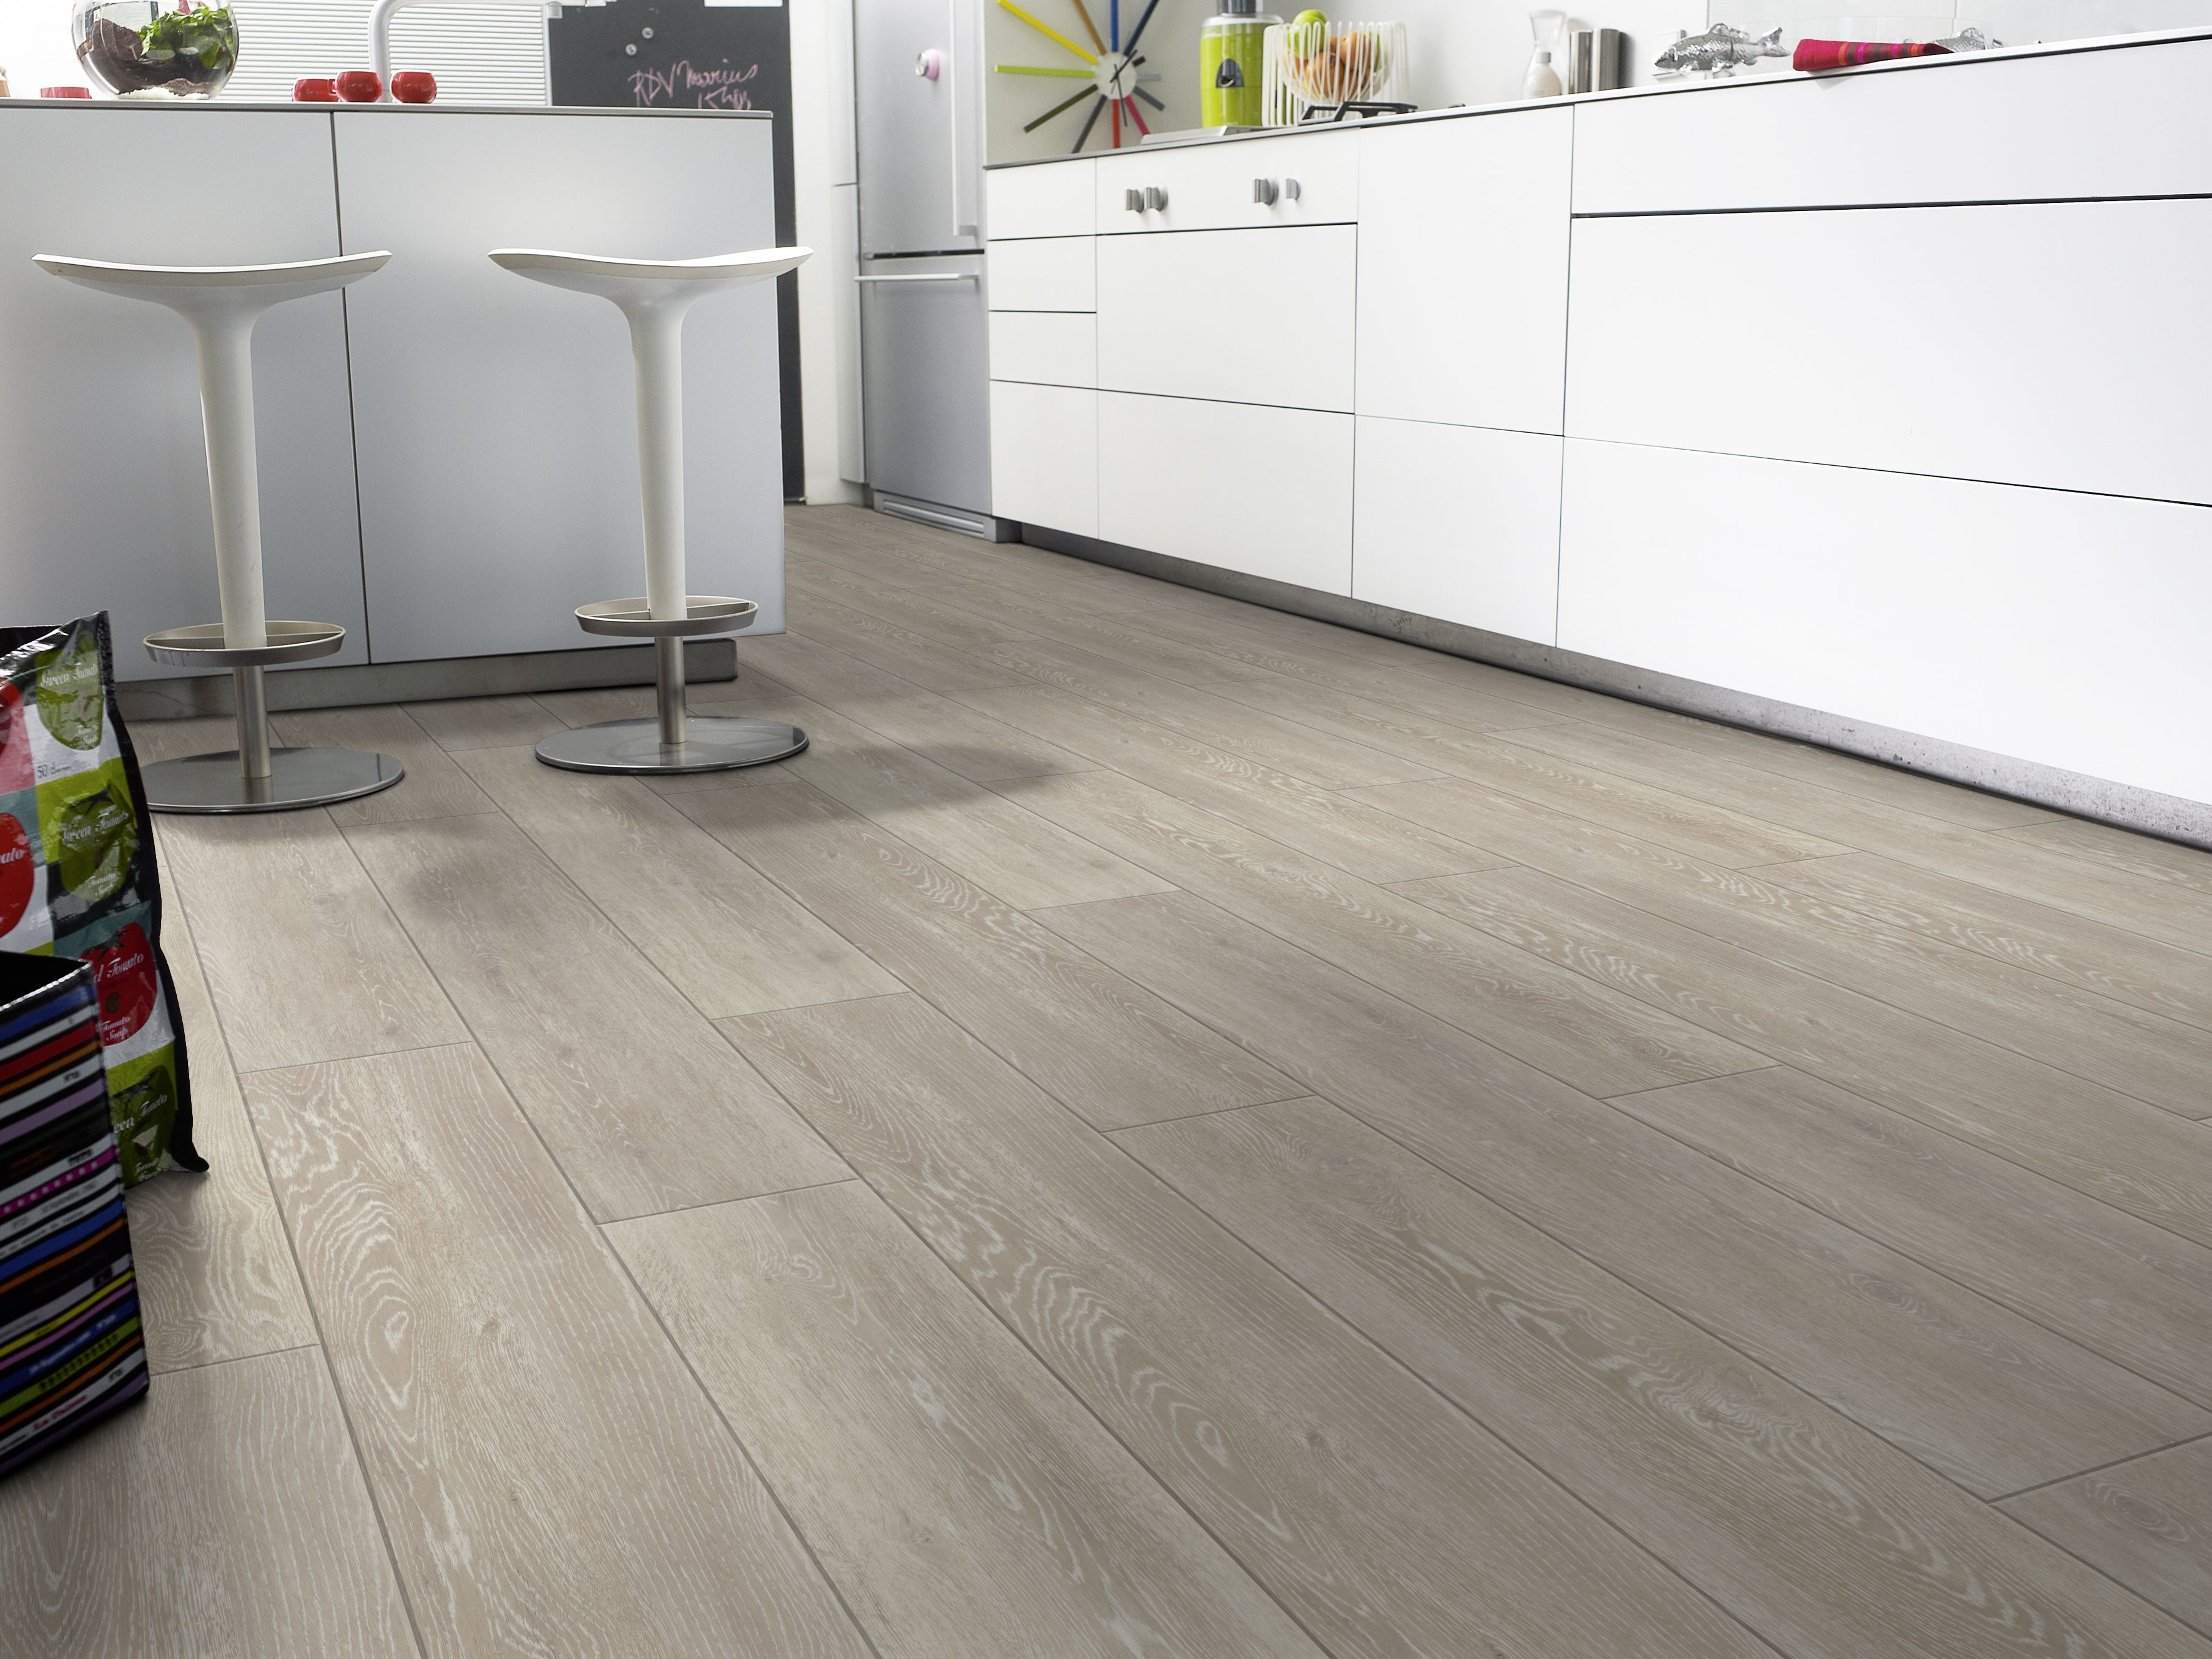 starfloor click 30 pavimenti soggiorno livingroom tarkett starfloor vinyl flooring home. Black Bedroom Furniture Sets. Home Design Ideas